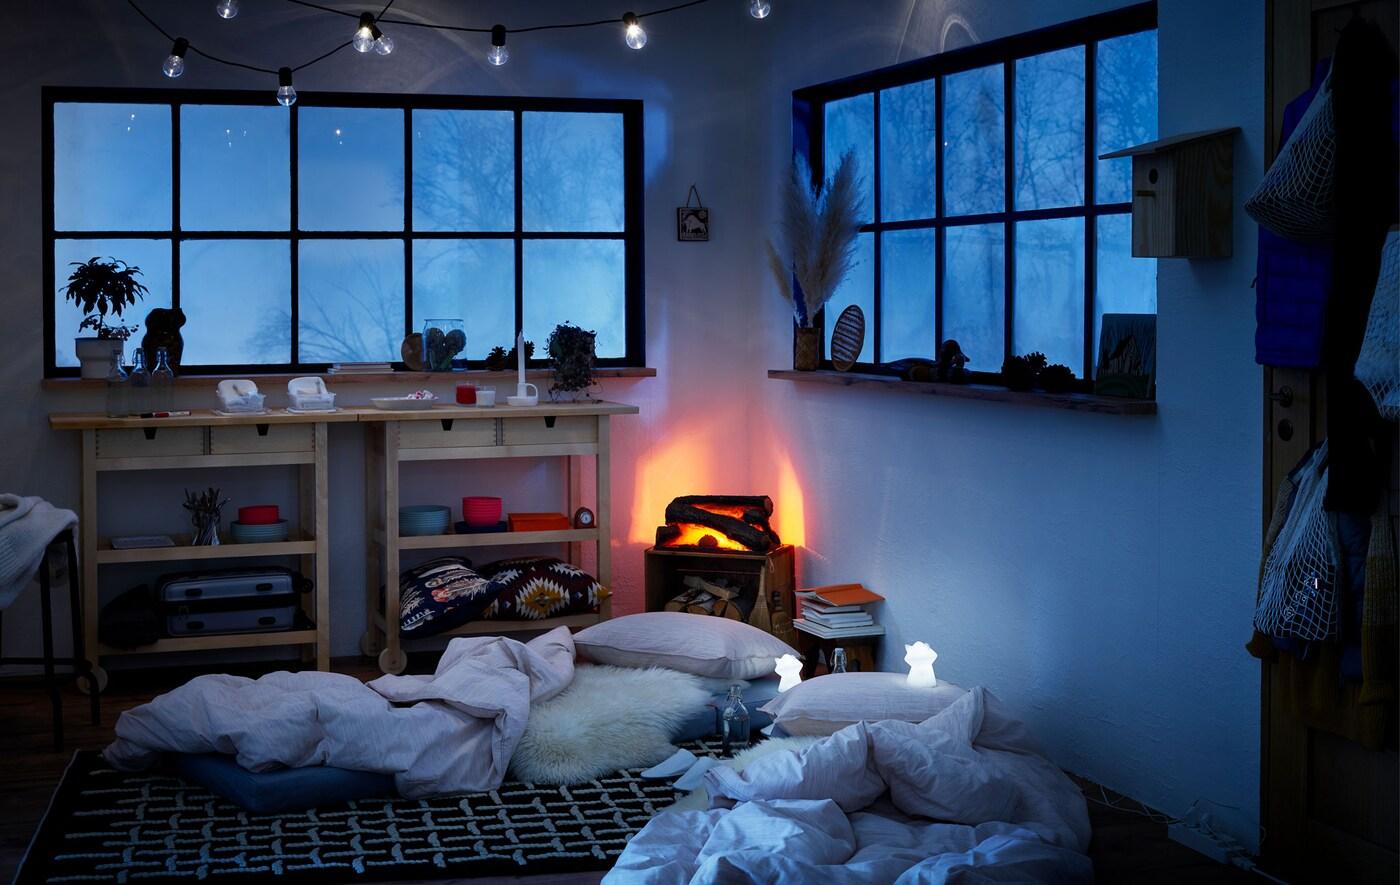 Wnętrze chatki w zimowym stylu, materace na ziemi służące za prowizoryczne łóżka, nocne lampki LED stojące obok.